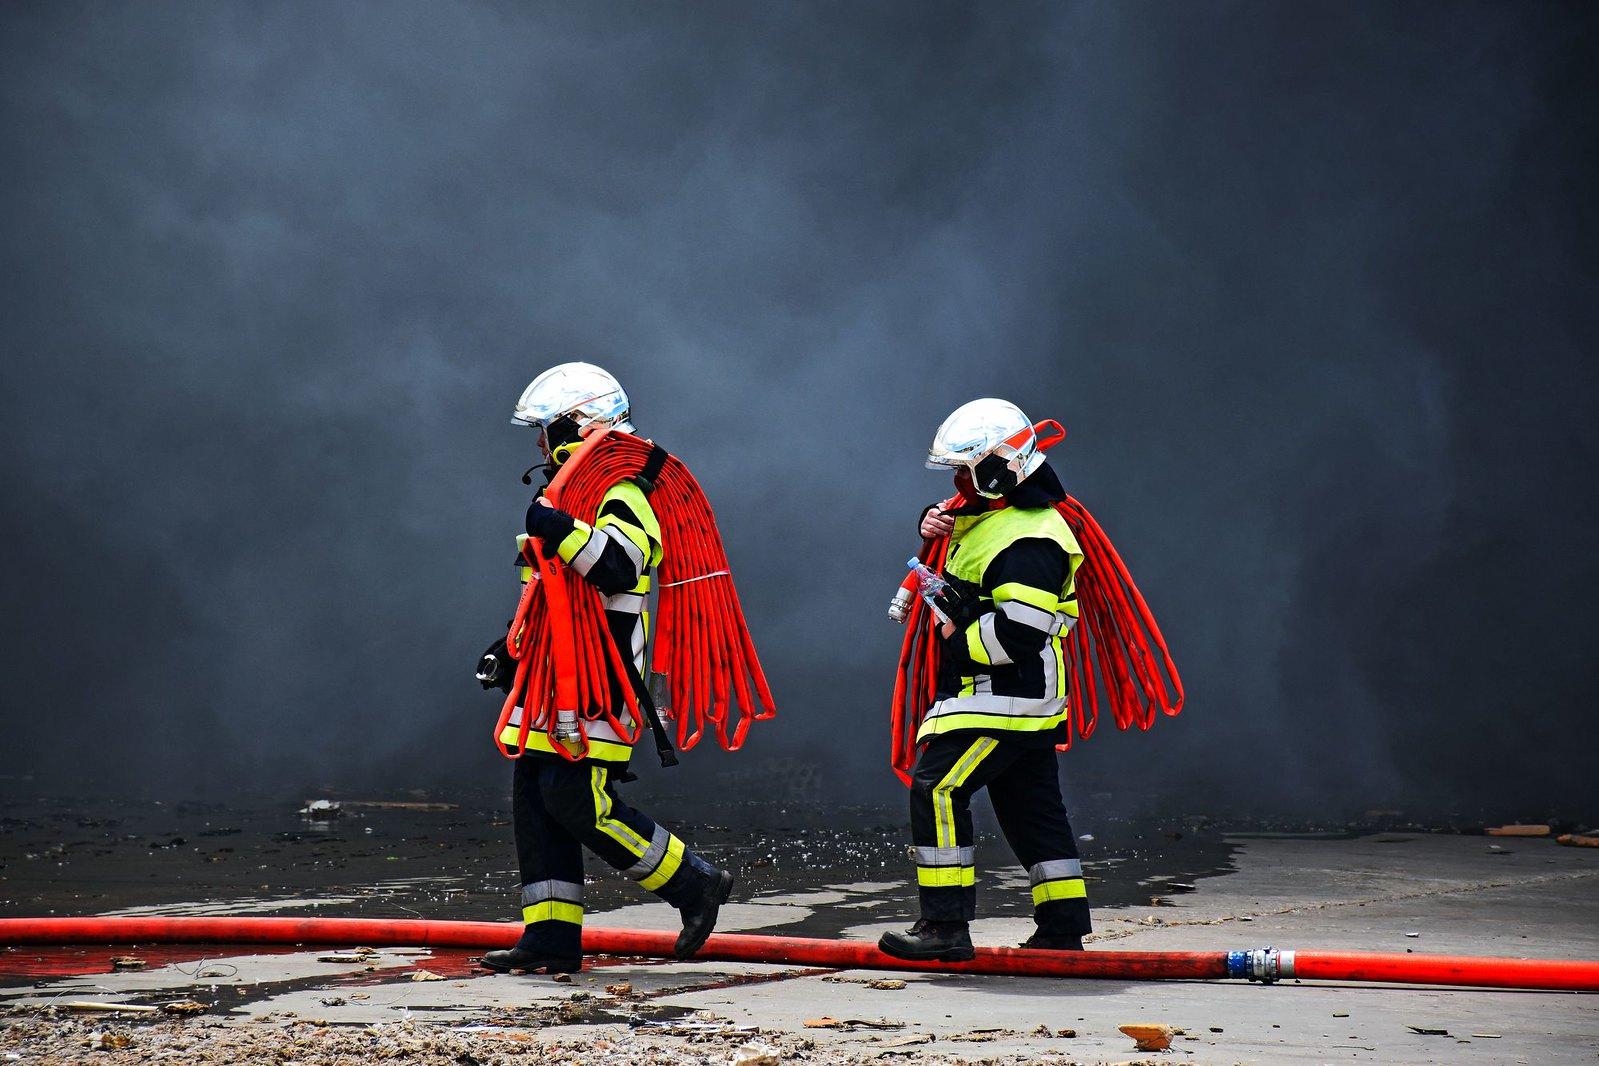 Les Pompiers13 mobilisés sur plusieurs départs de feu ce week-end